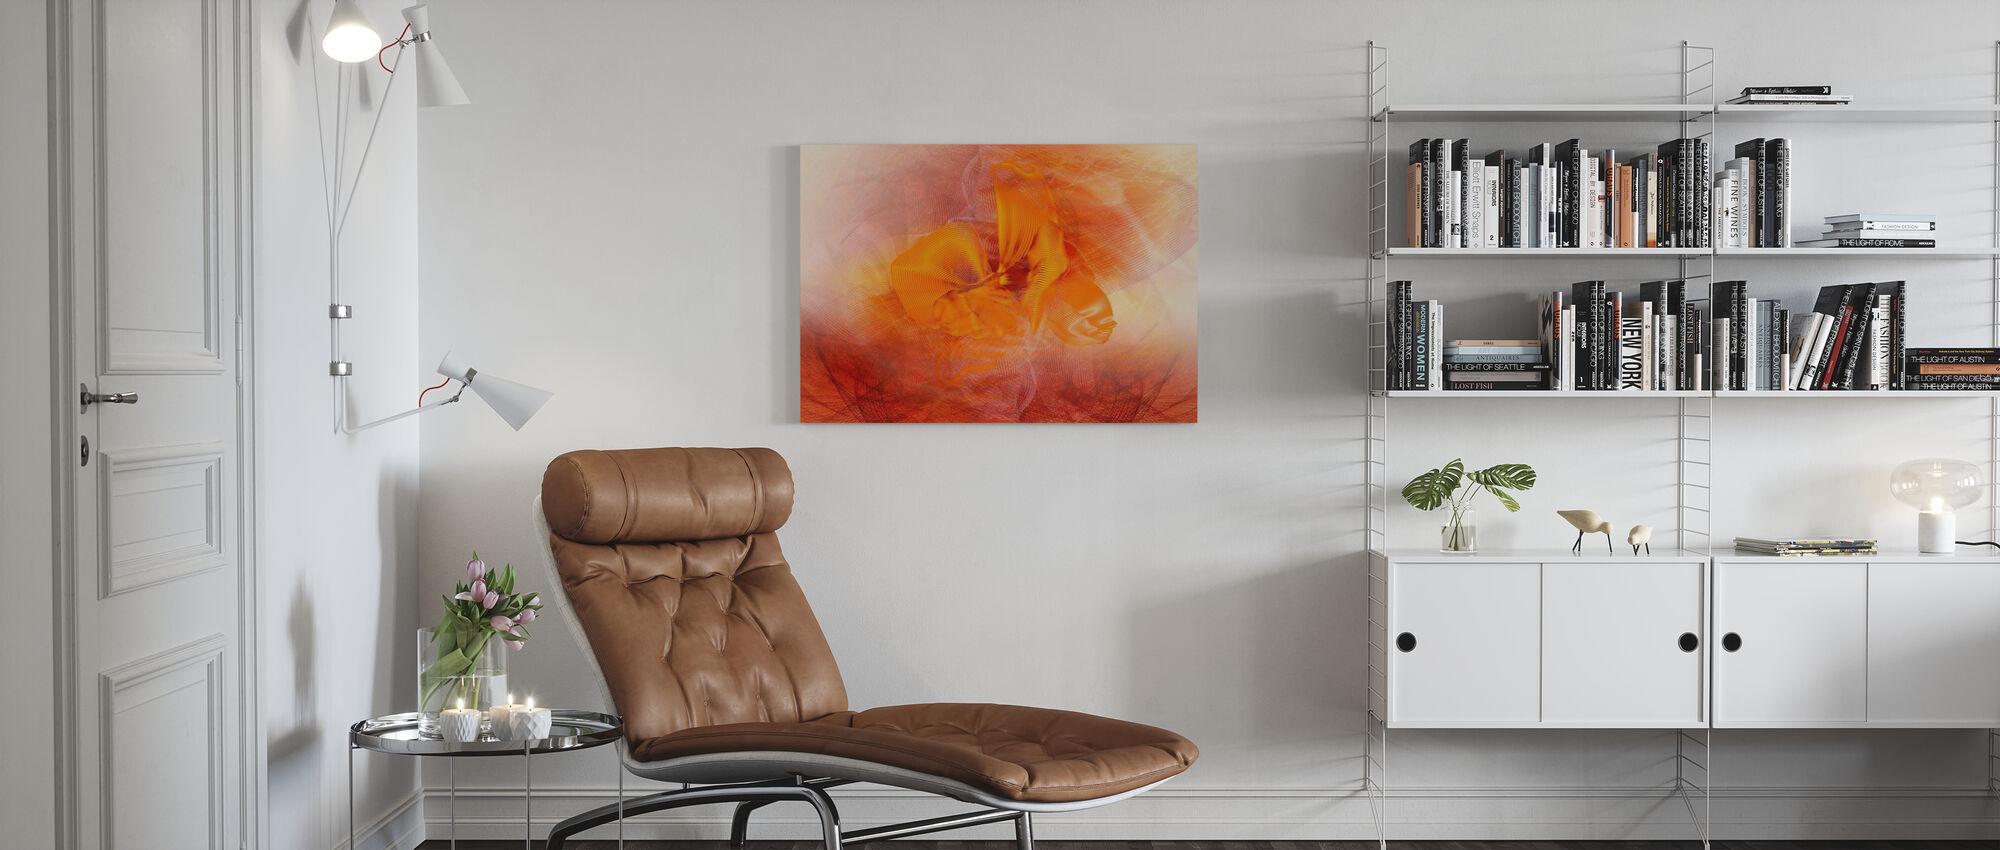 Orkidea Kaaos - Oranssi - Canvastaulu - Olohuone